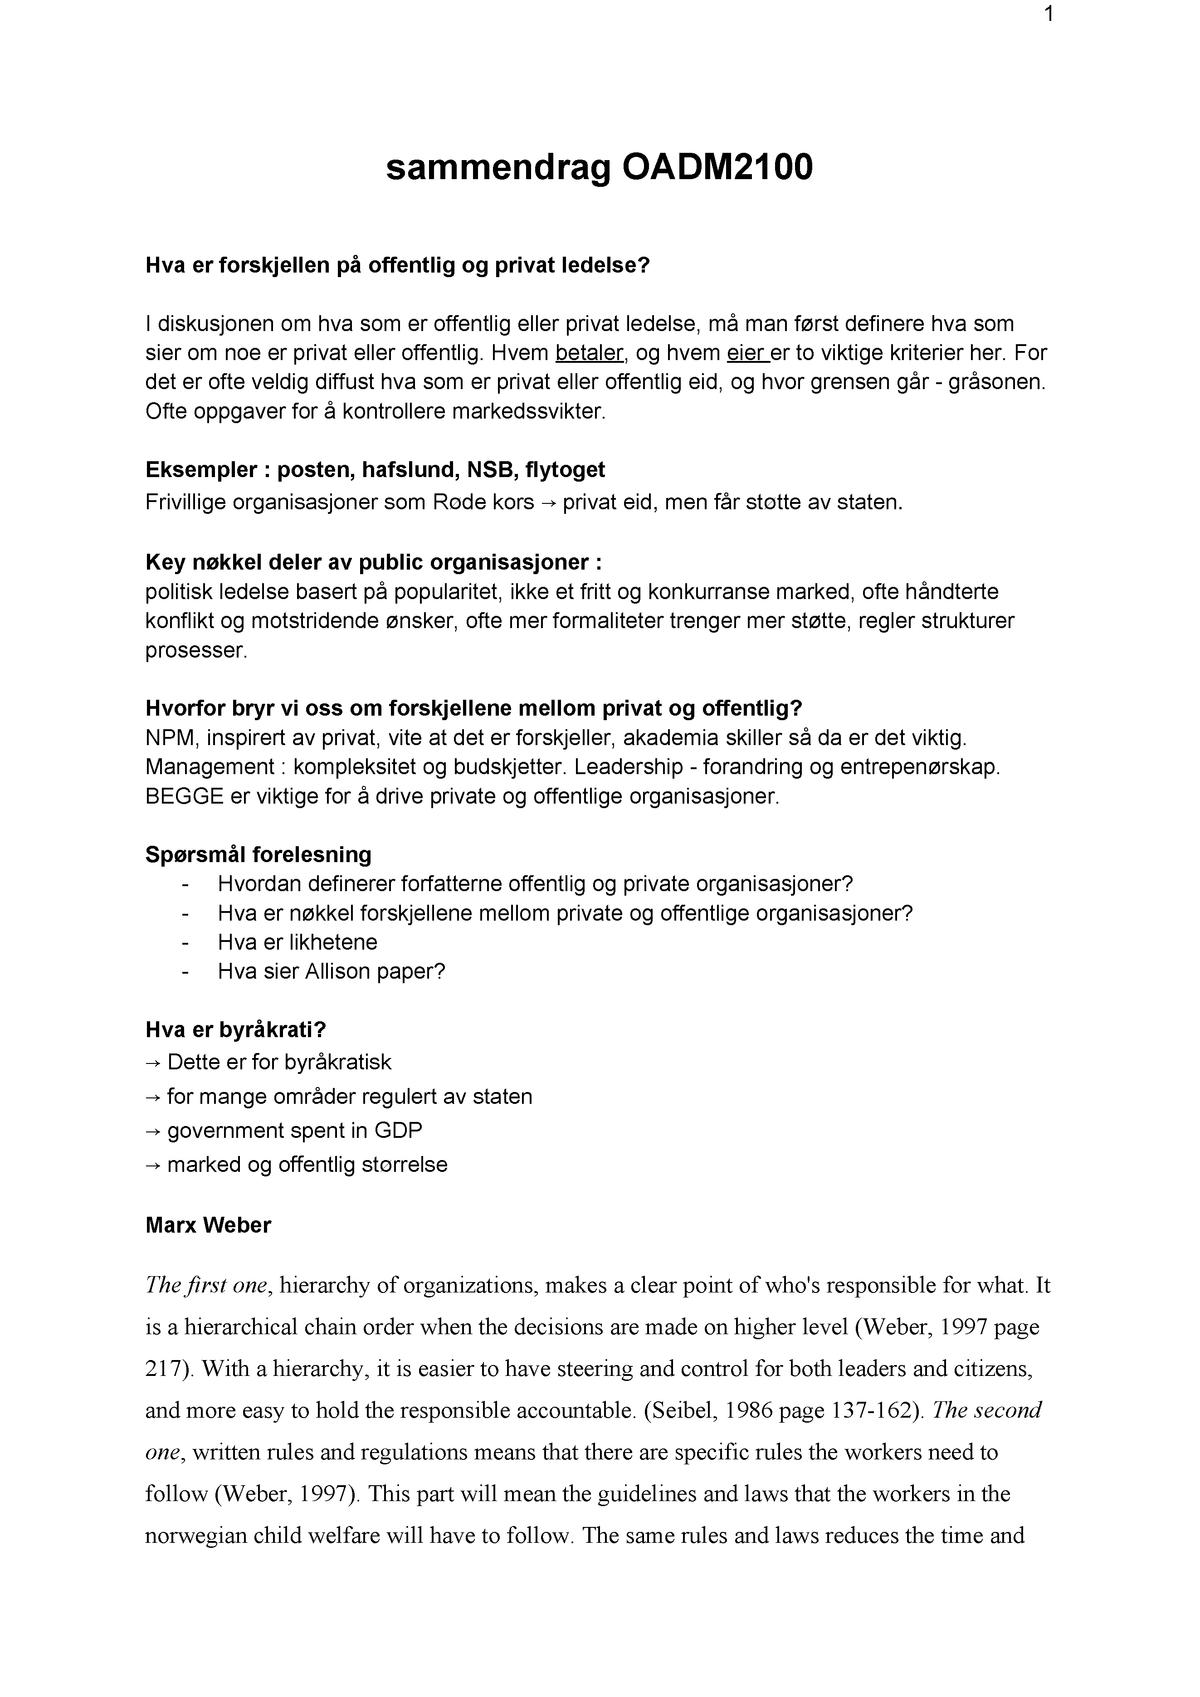 8e649c910 Summary OADM2100 OADM2100 18 Sep 2018 - StuDocu